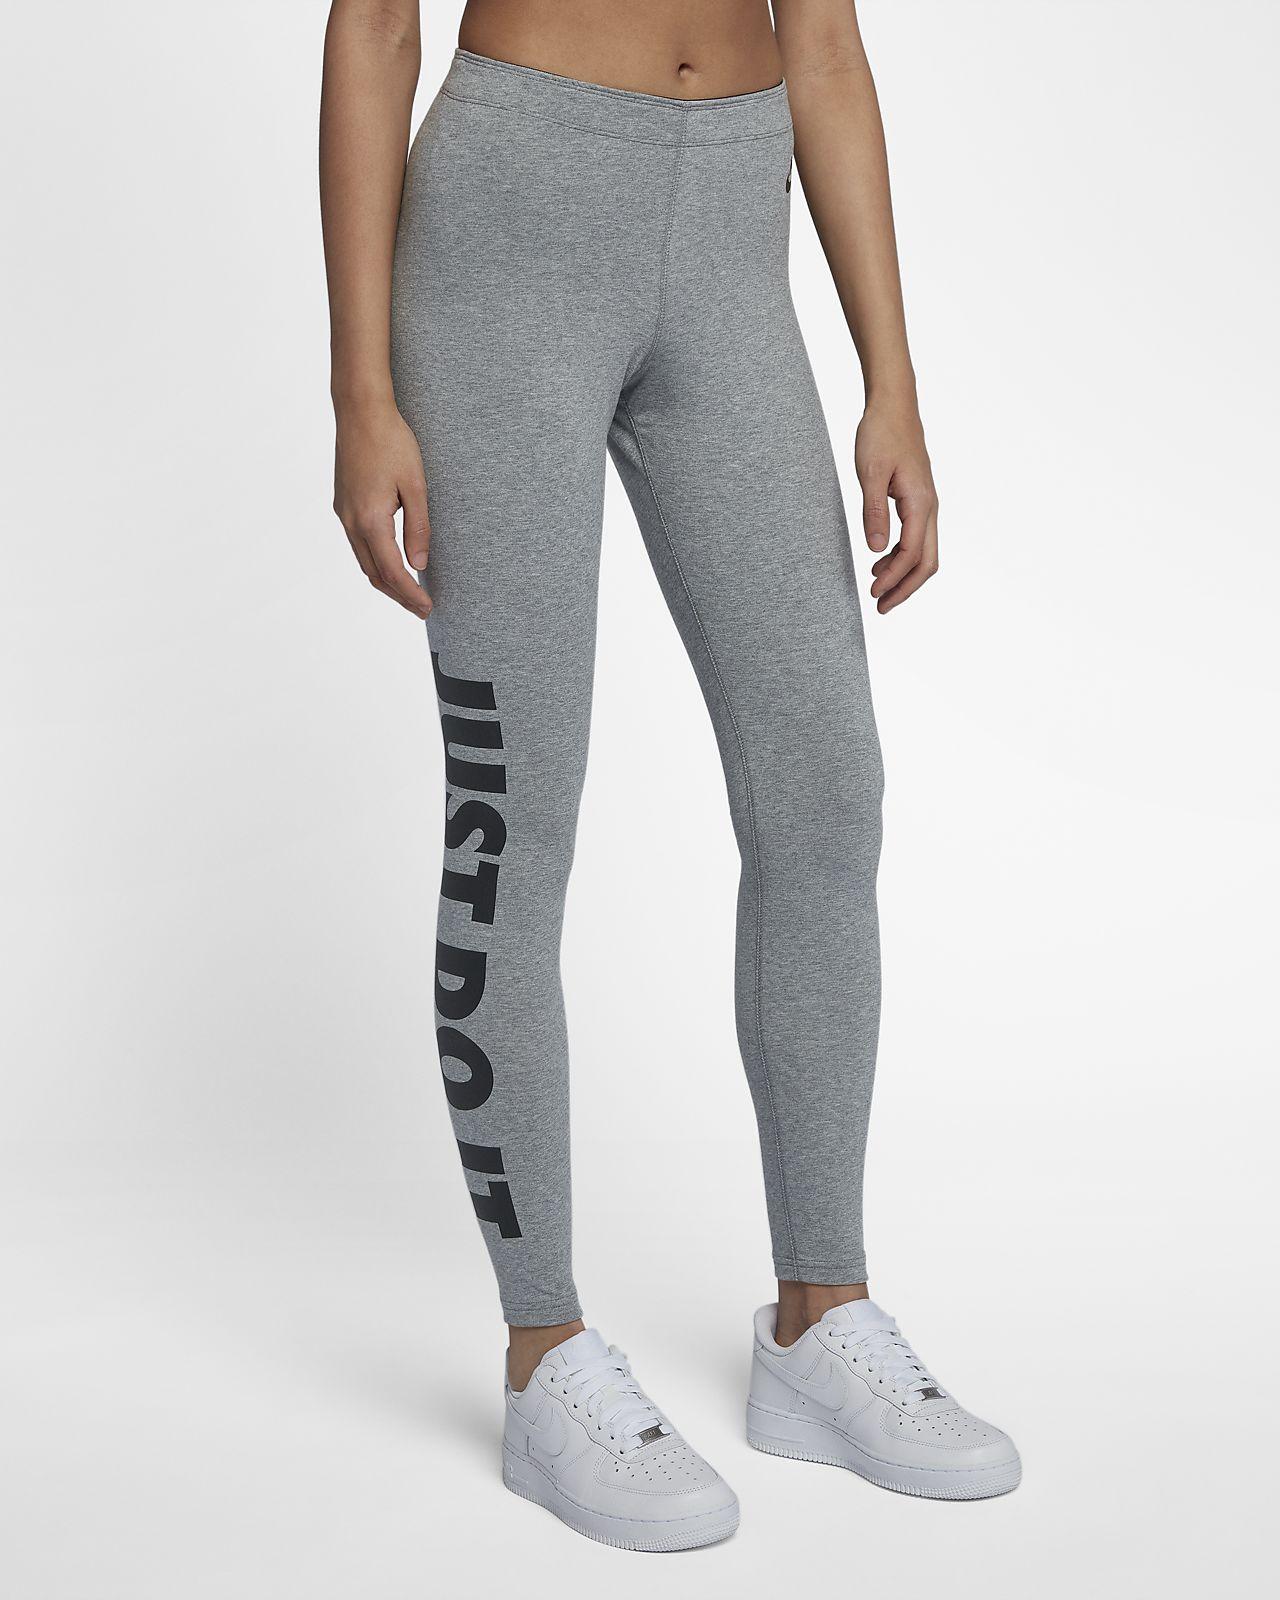 ... Nike Sportswear Leg-A-See Women's Leggings